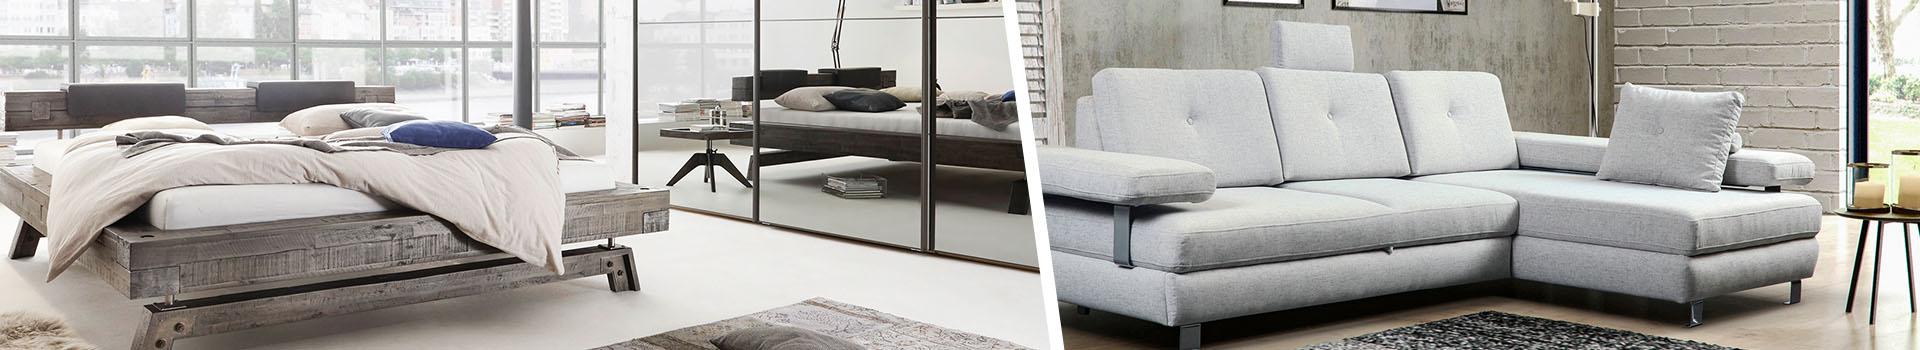 Möbel in großer Auswahl